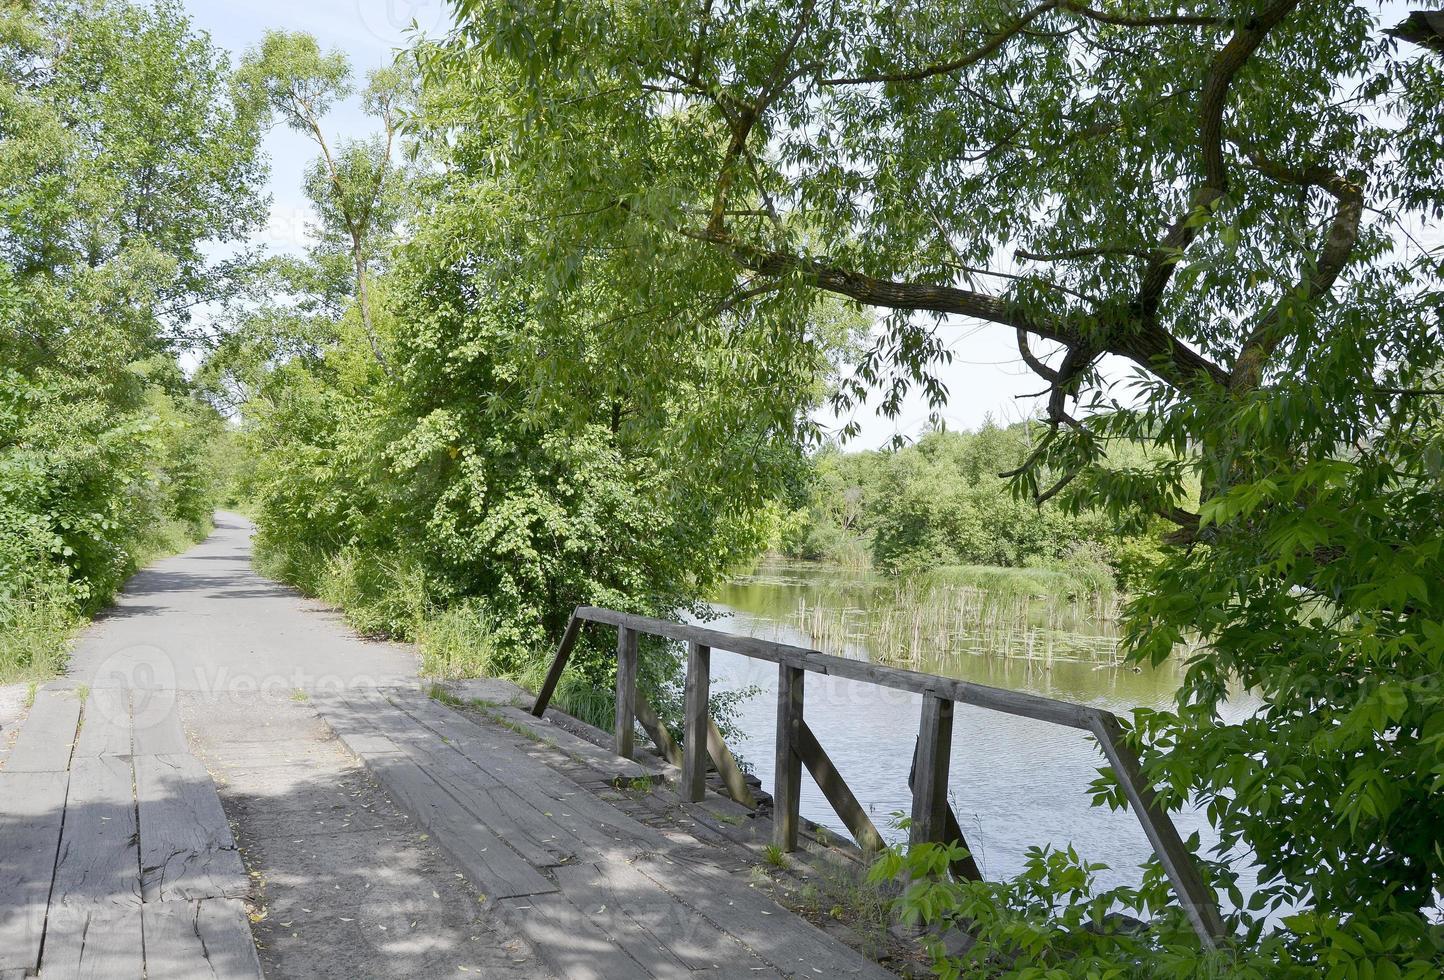 Vieux pont en bois magnifiquement debout sur la rivière en arrière-plan coloré photo